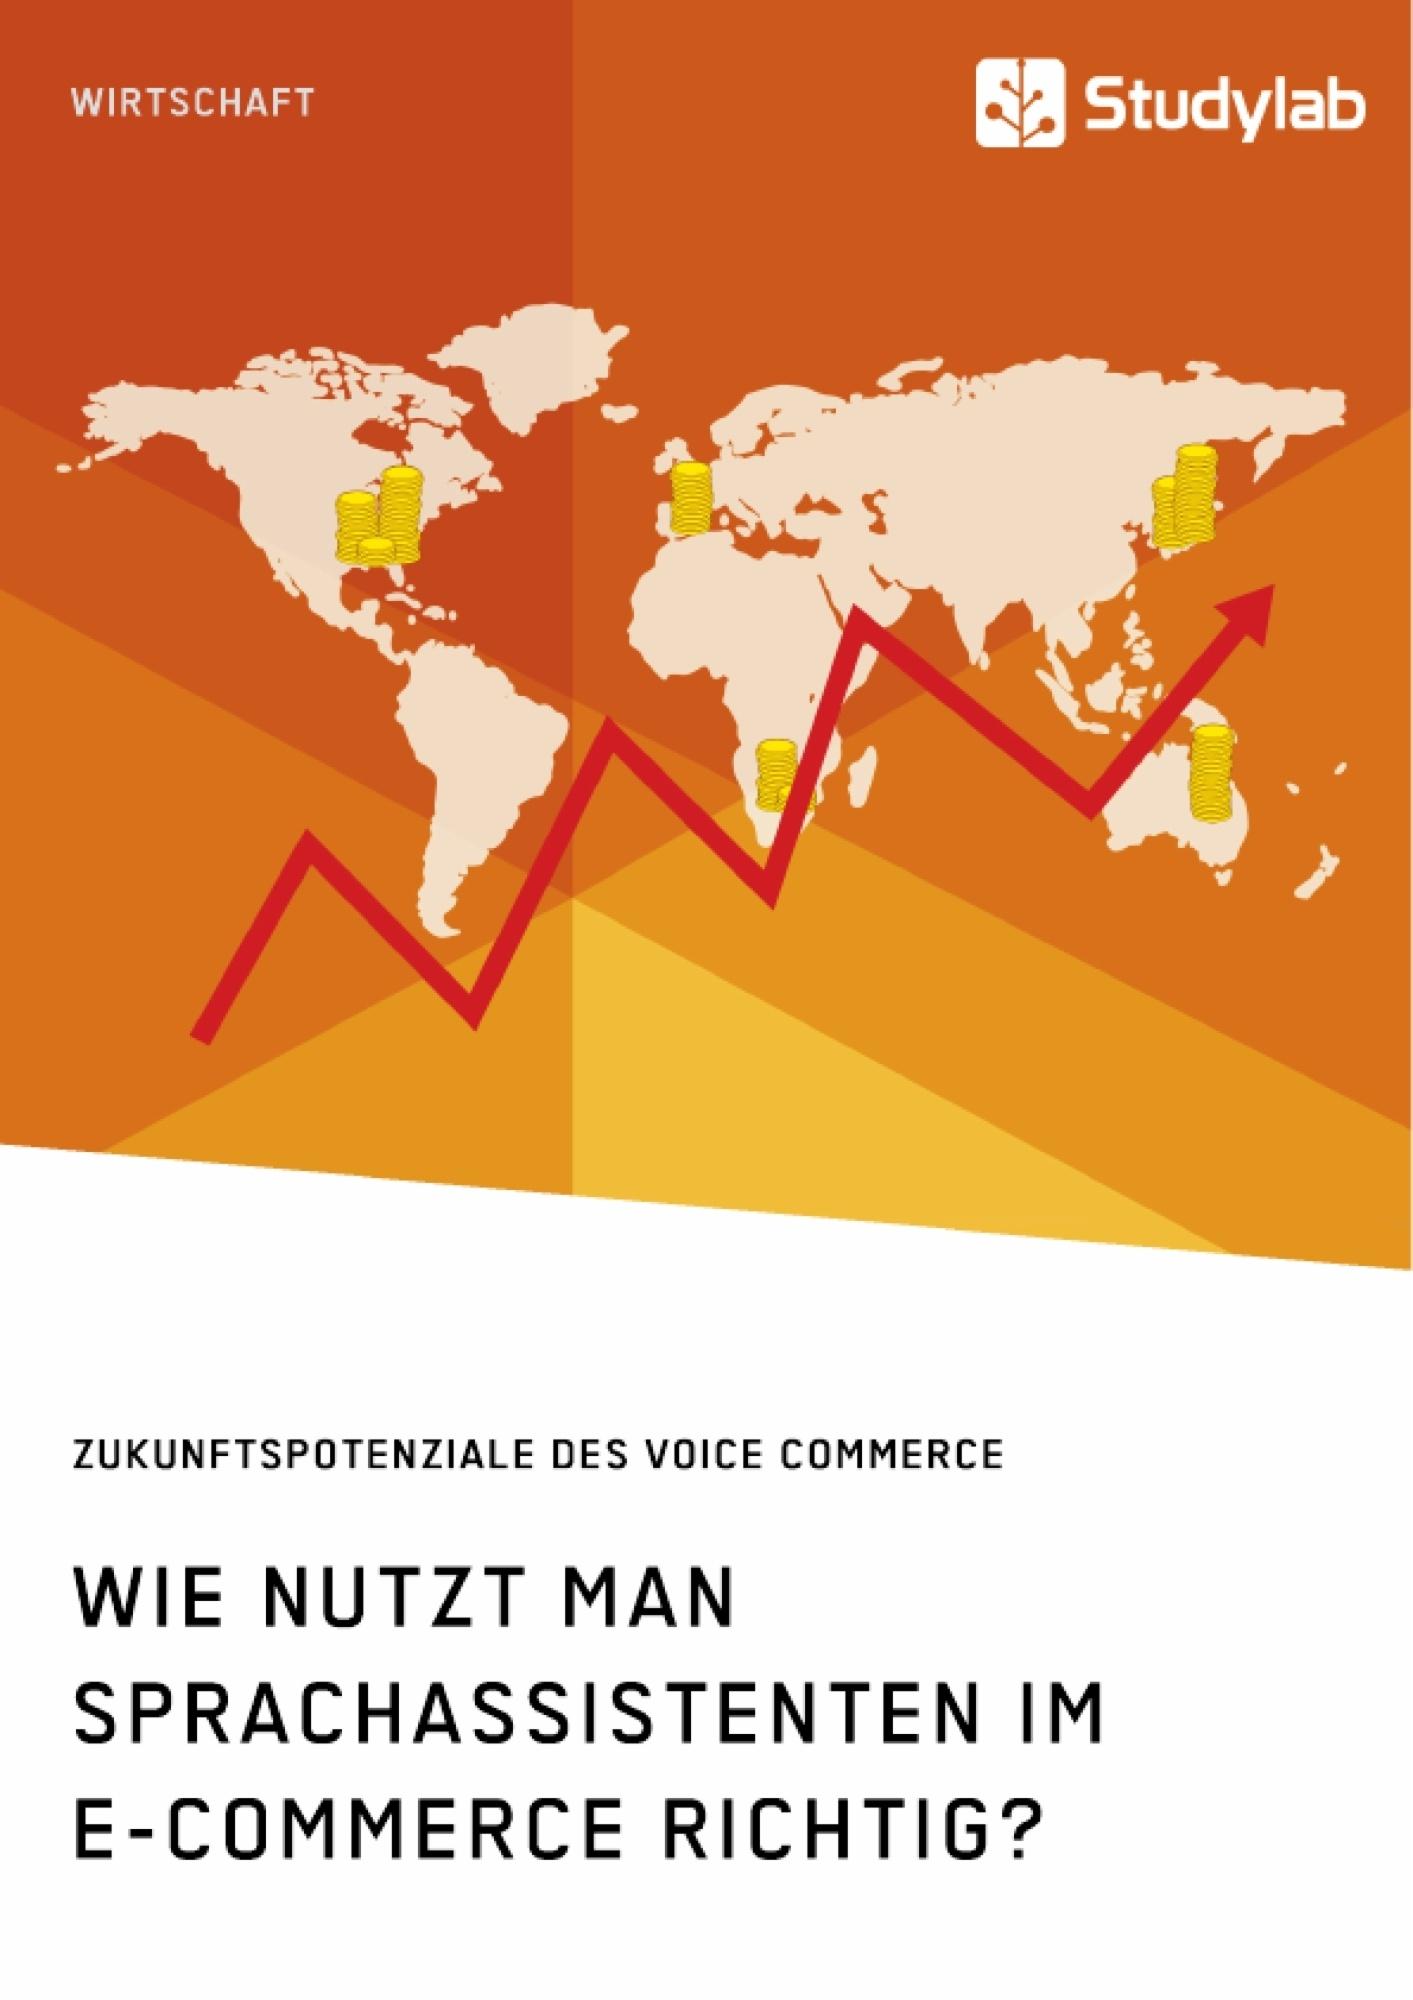 Titel: Wie nutzt man Sprachassistenten im E-Commerce richtig? Zukunftspotenziale des Voice Commerce